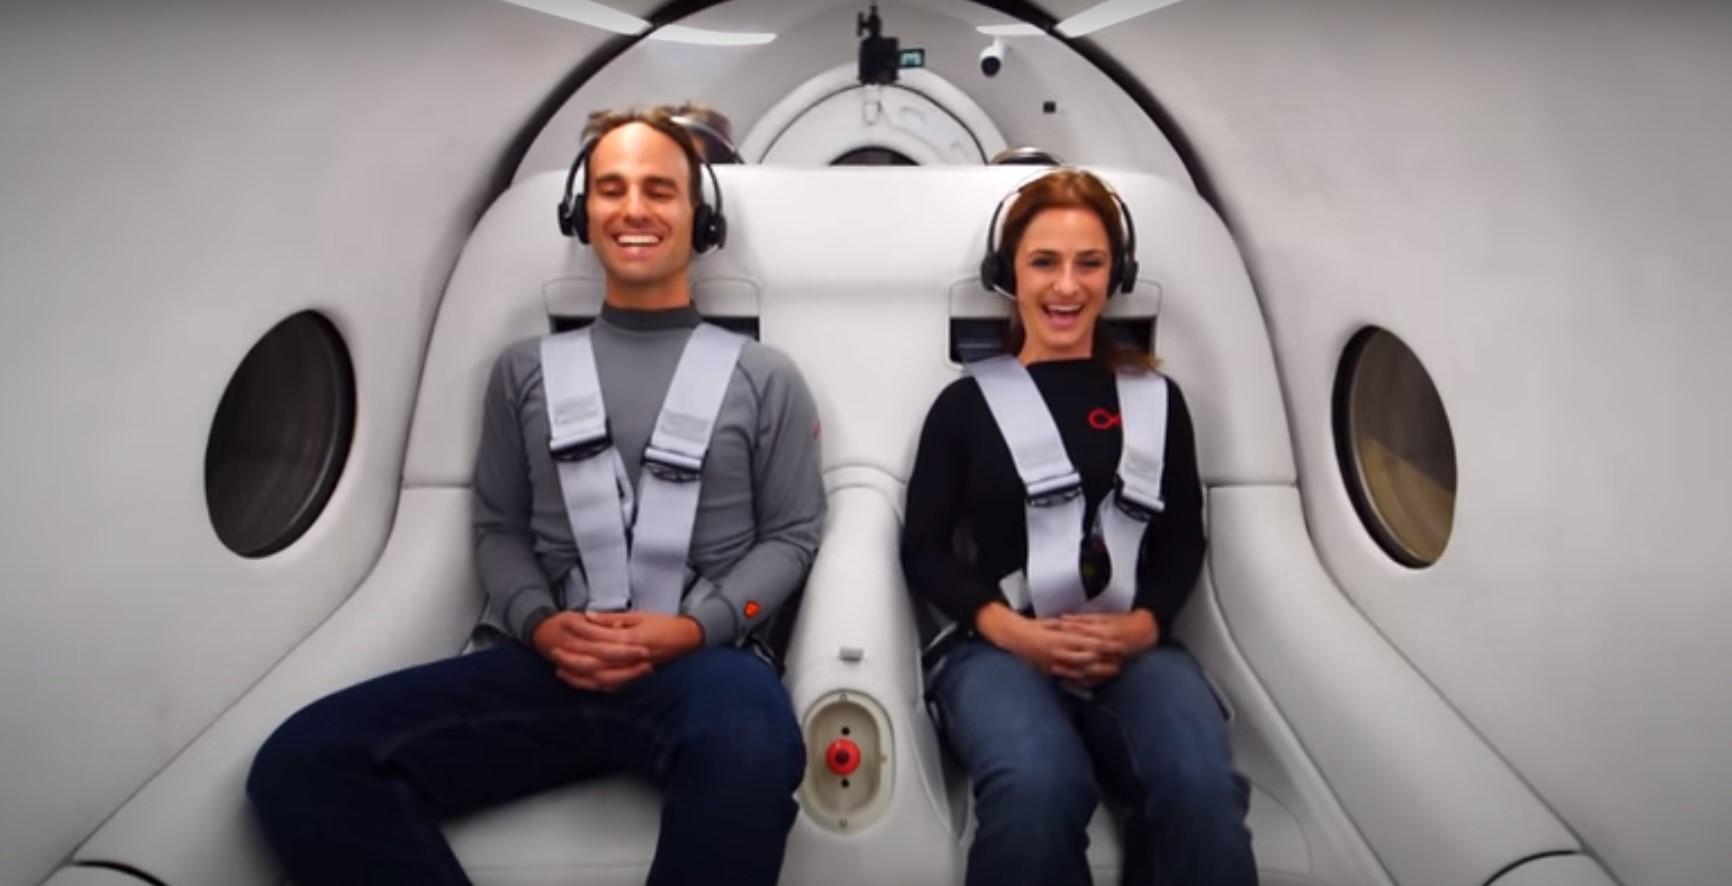 В Америке успешно прошли первые испытания капсулы Hyperloop с пассажирами внутри